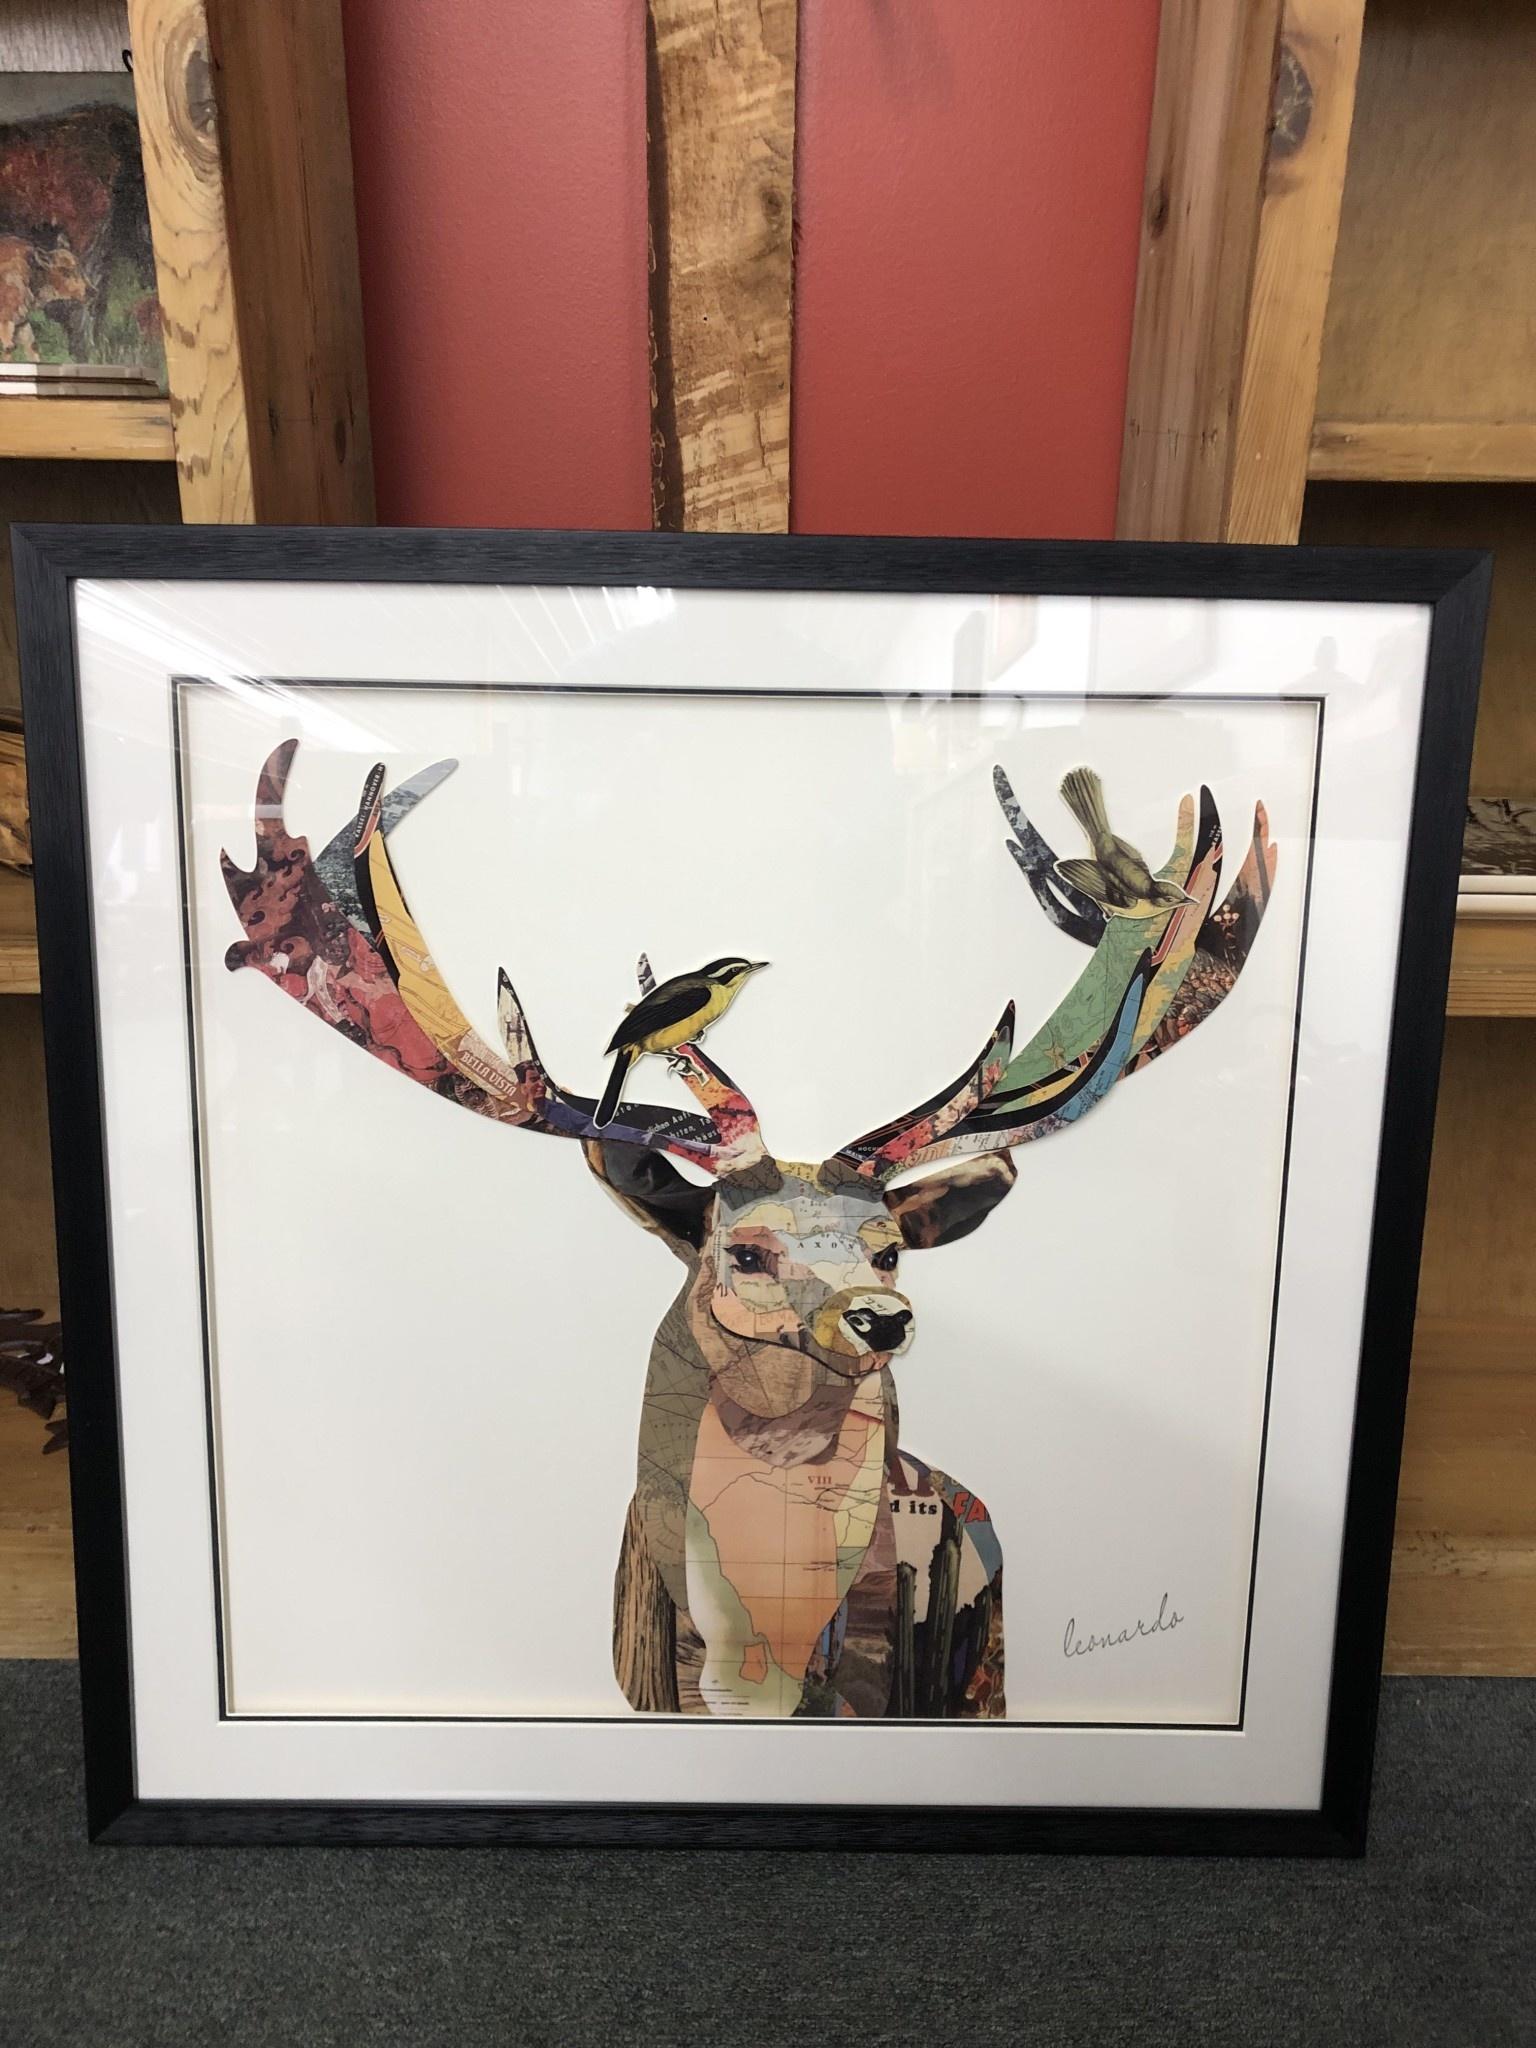 Simpkins-Canterbury Lane Collage 3D Art-Elk